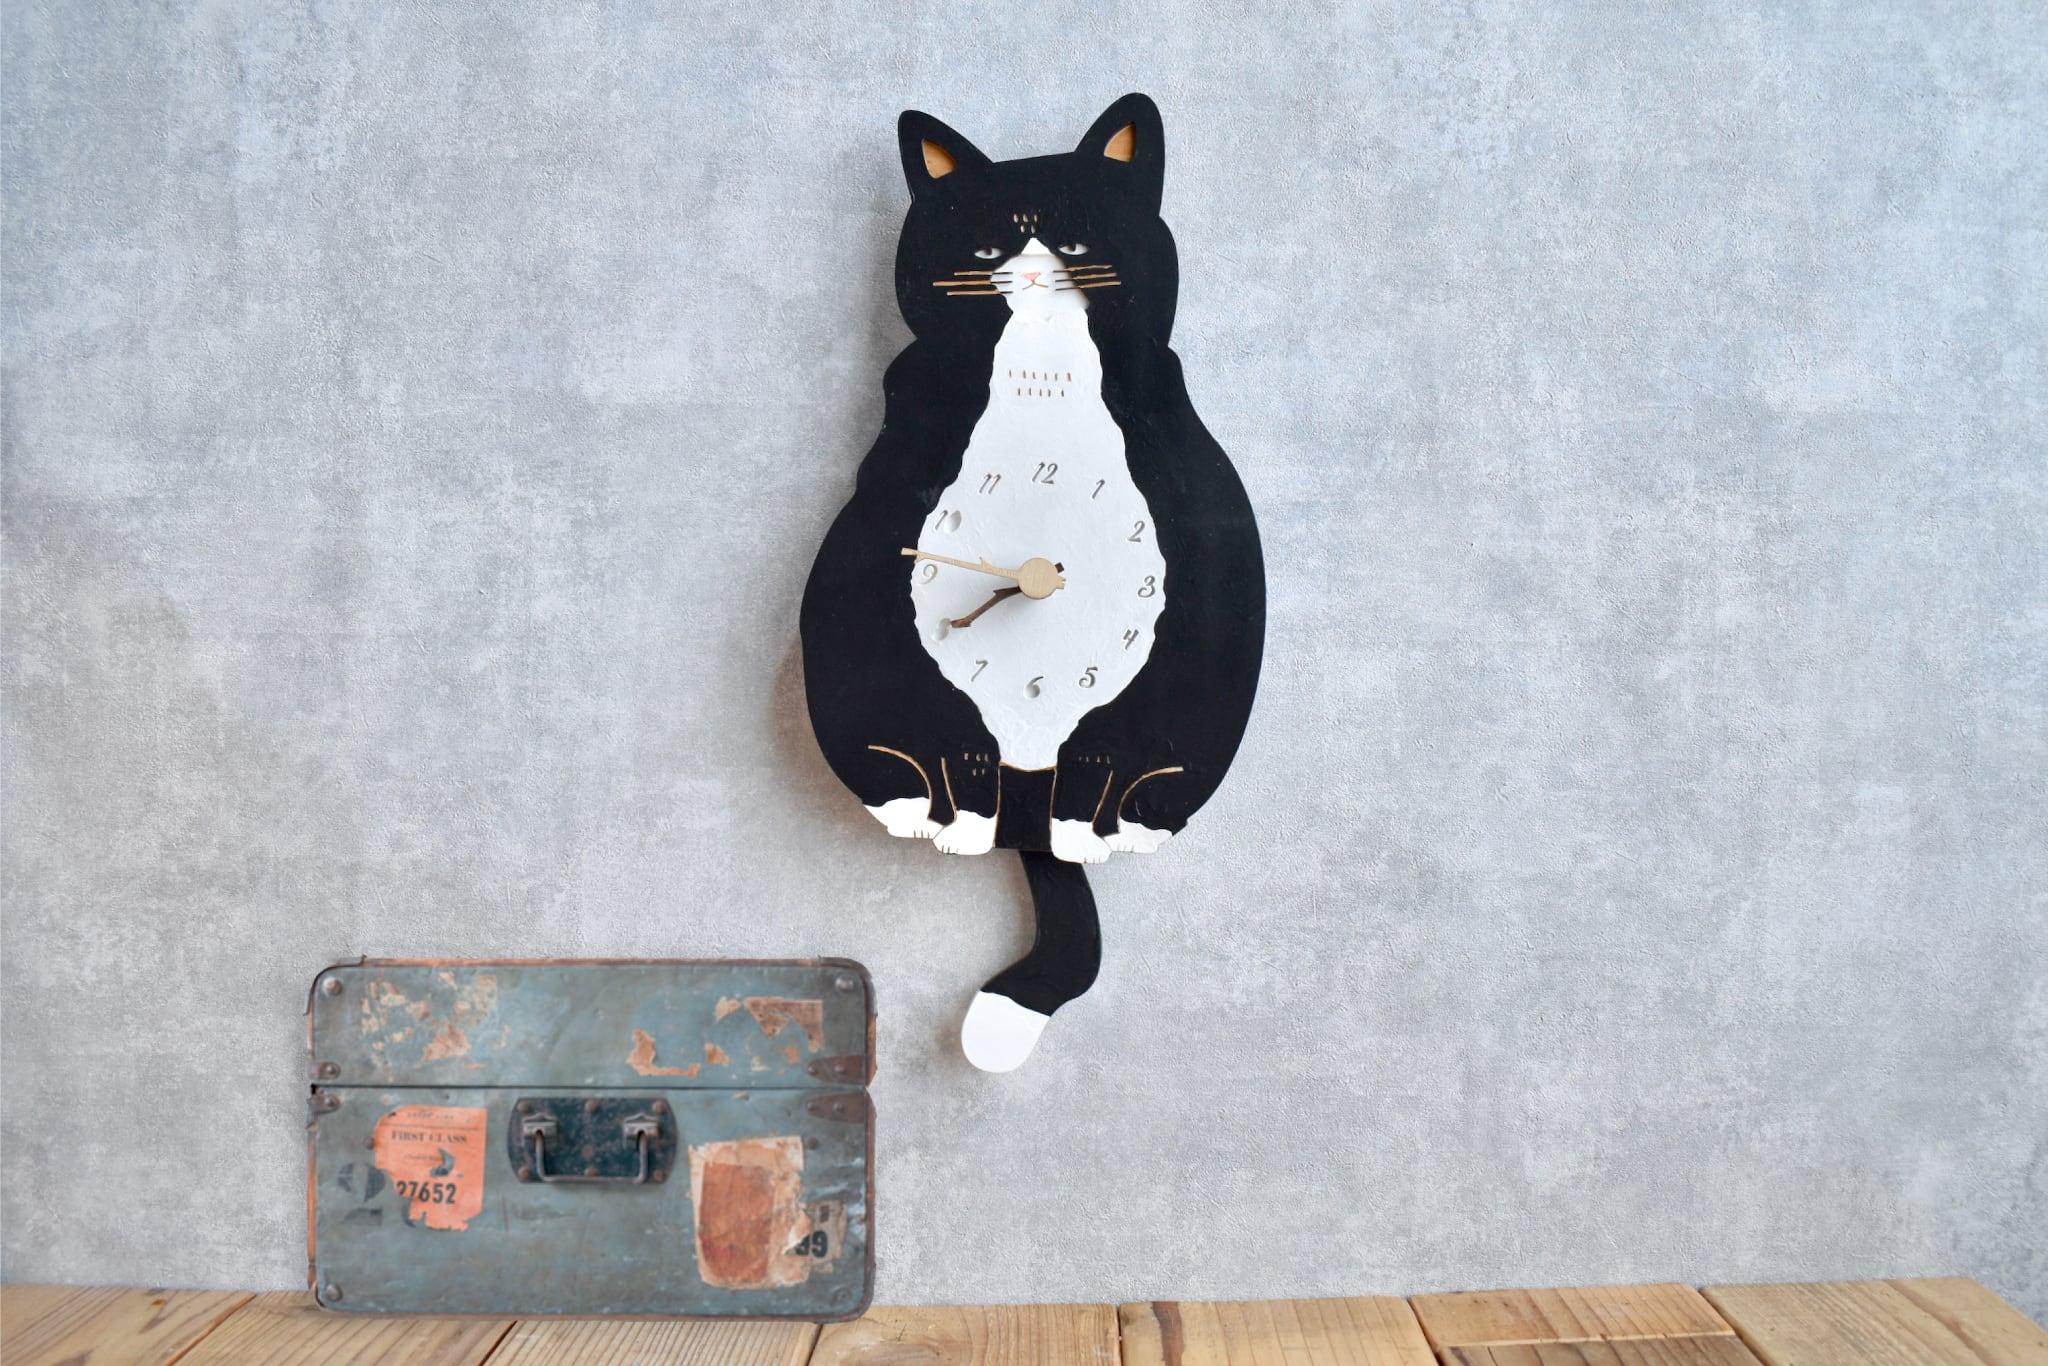 ハチワレ猫*ショートの時計 木製 振り子時計 掛け時計